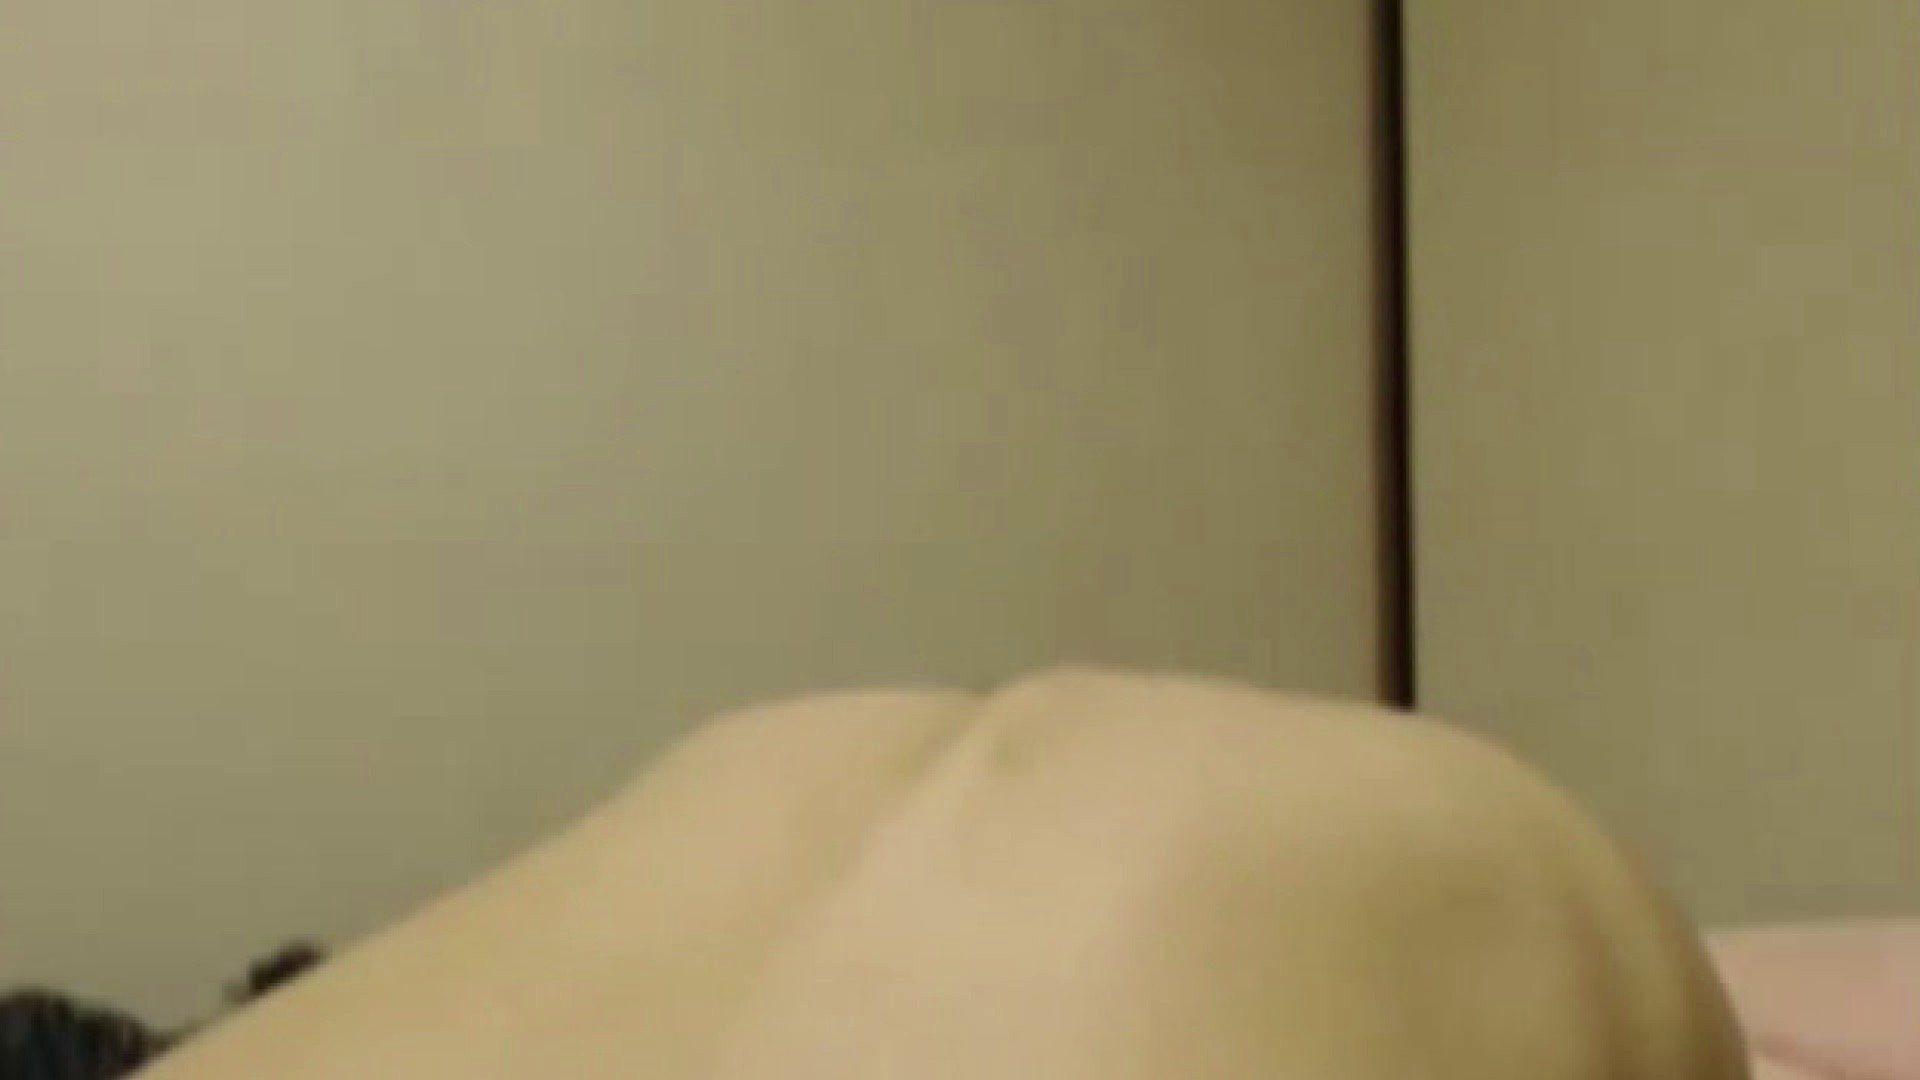 おしえてギャル子のH塾 Vol.01 後編 OLの裸事情 おまんこ動画流出 107枚 20